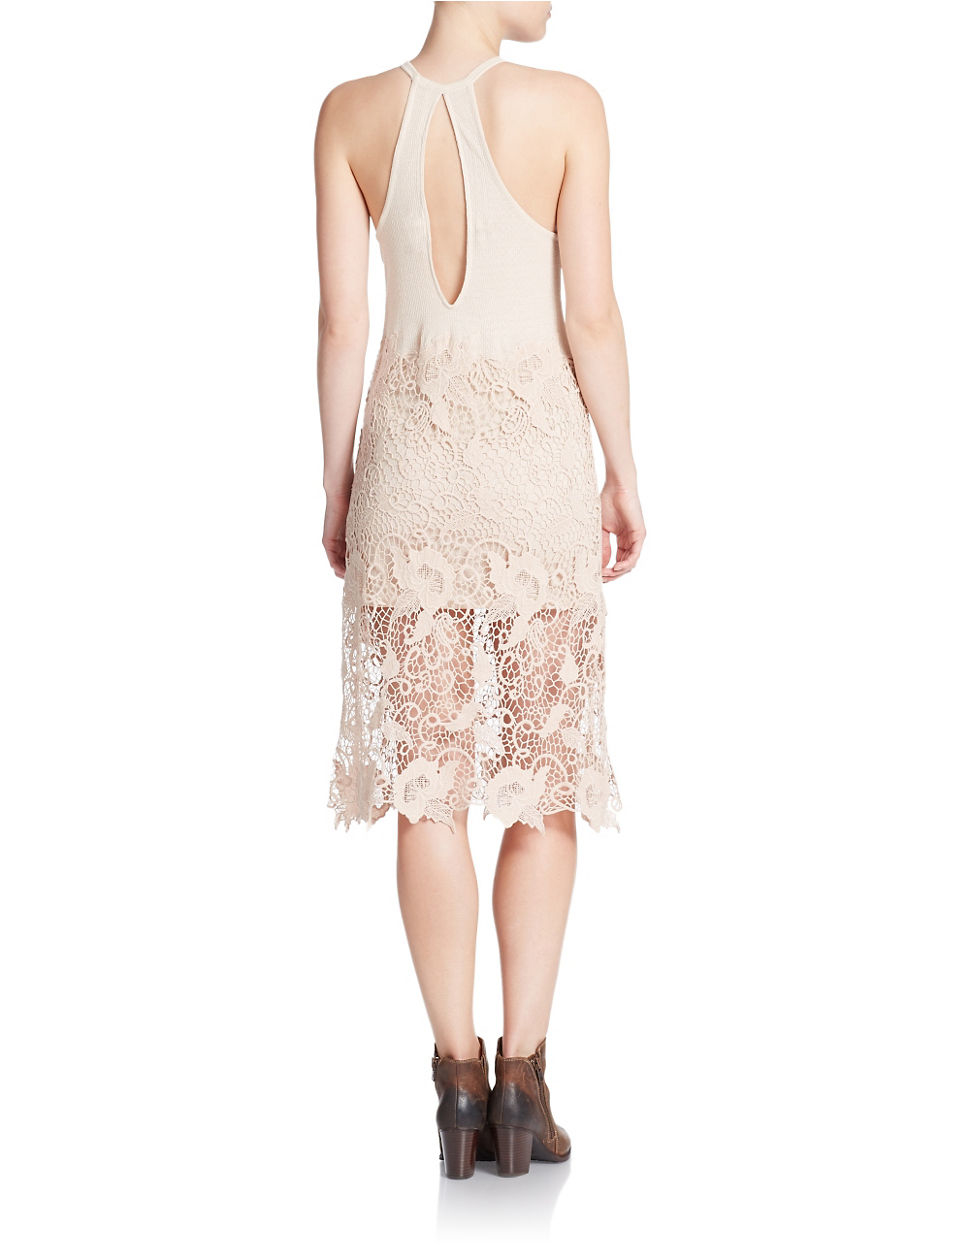 Nora Lace Tank Dress